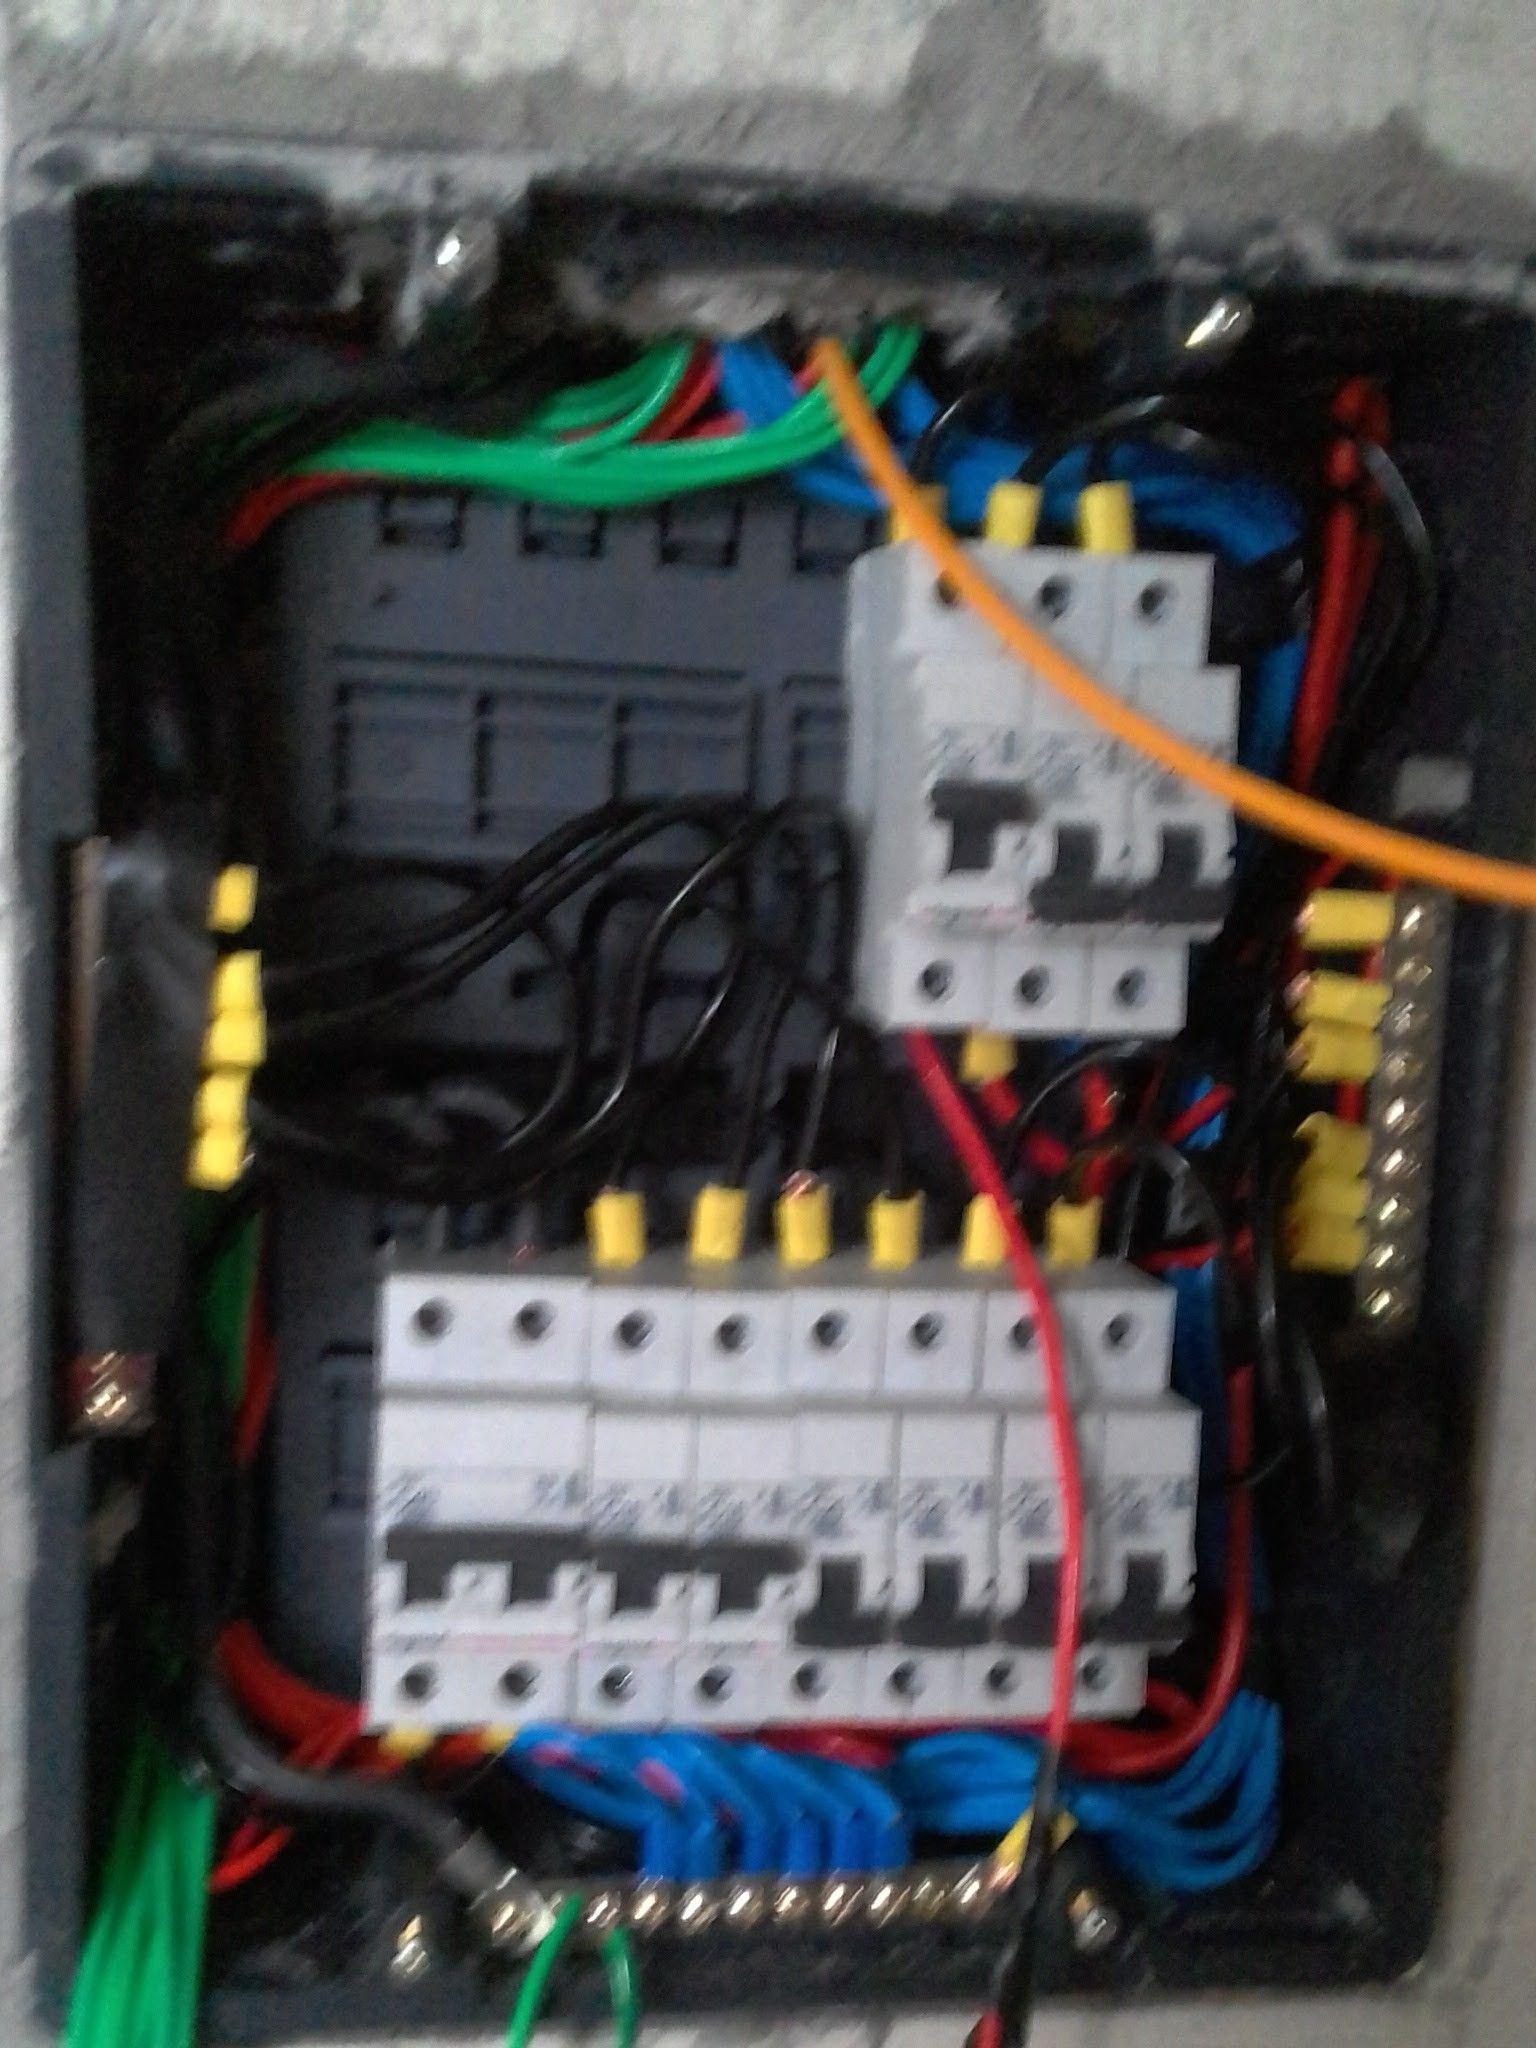 recuperação e modernização elétrica.